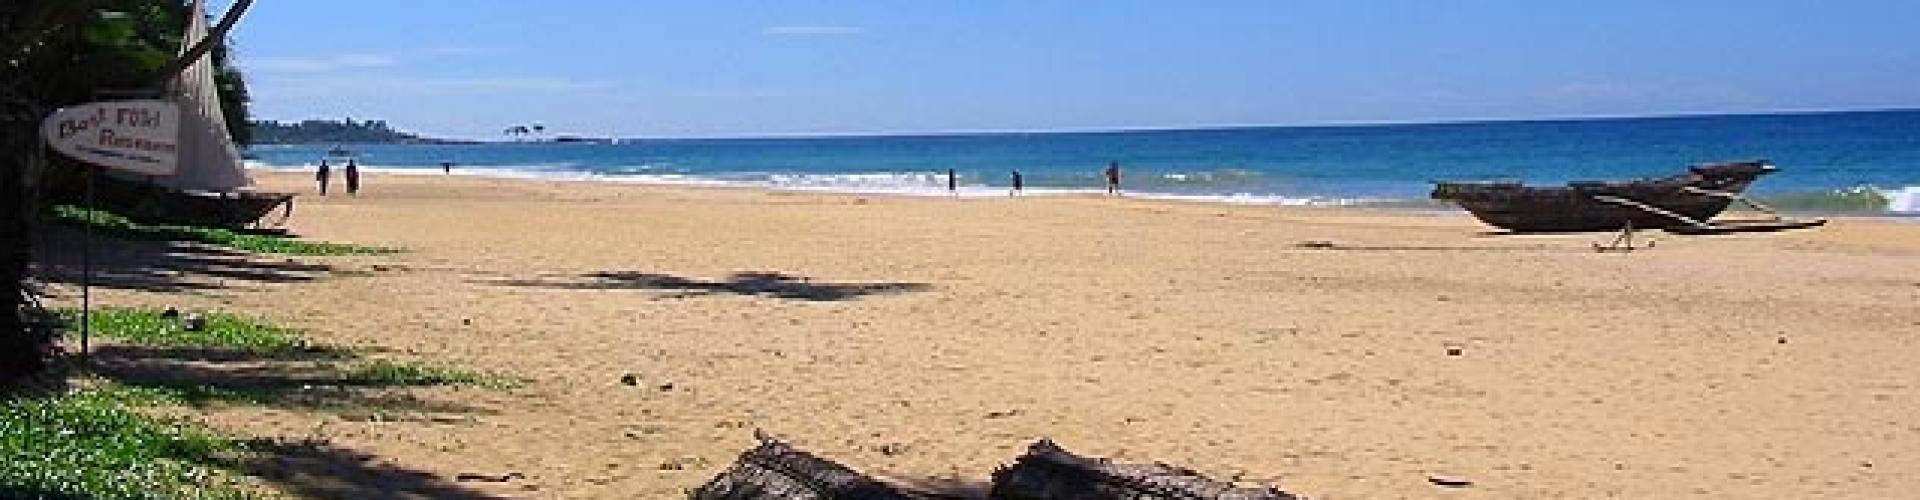 Geen toeristen lege stranden HBU training en advies